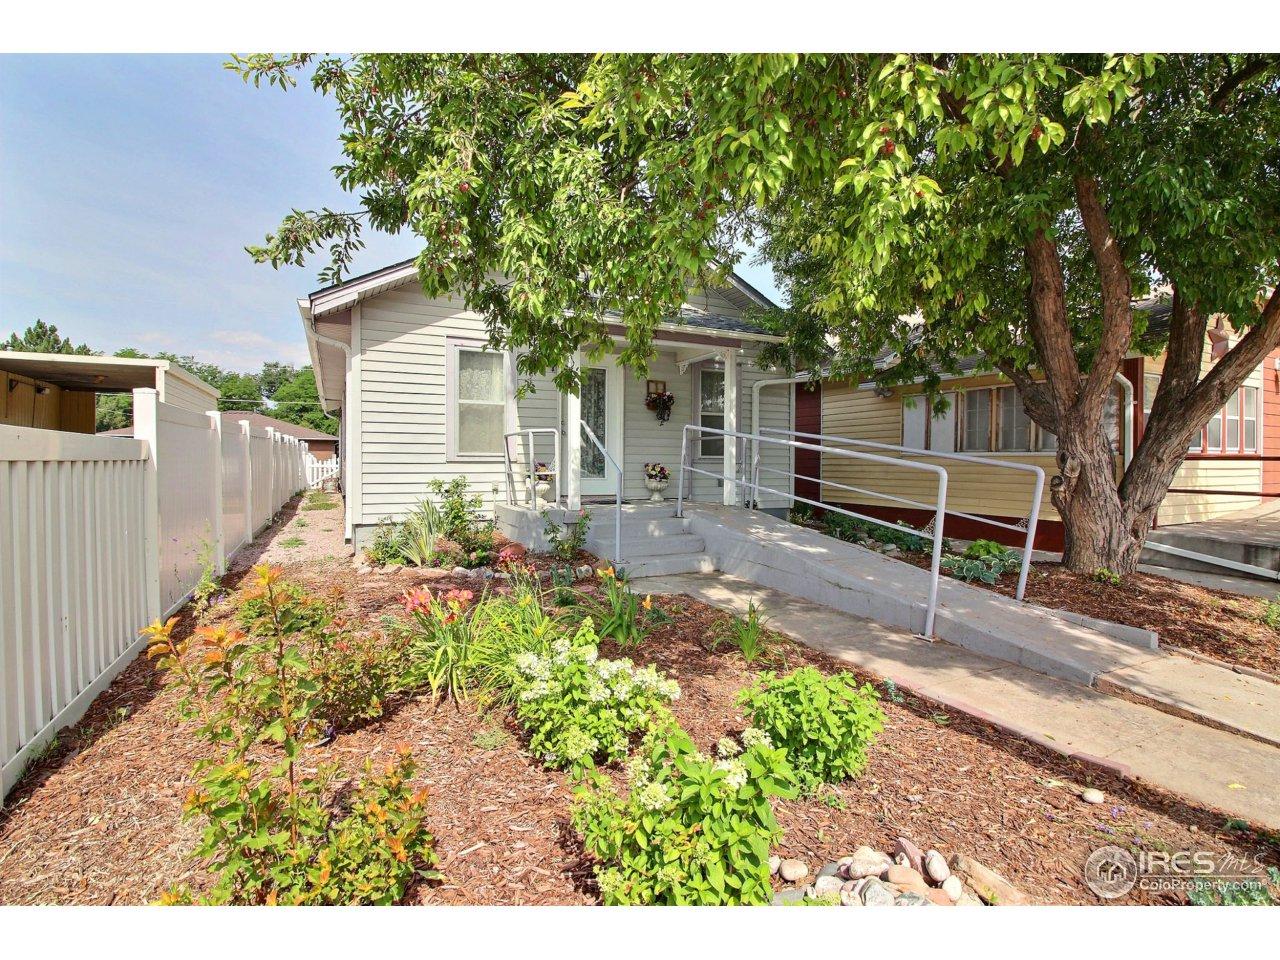 218 Oak Ave, Eaton, CO 80615